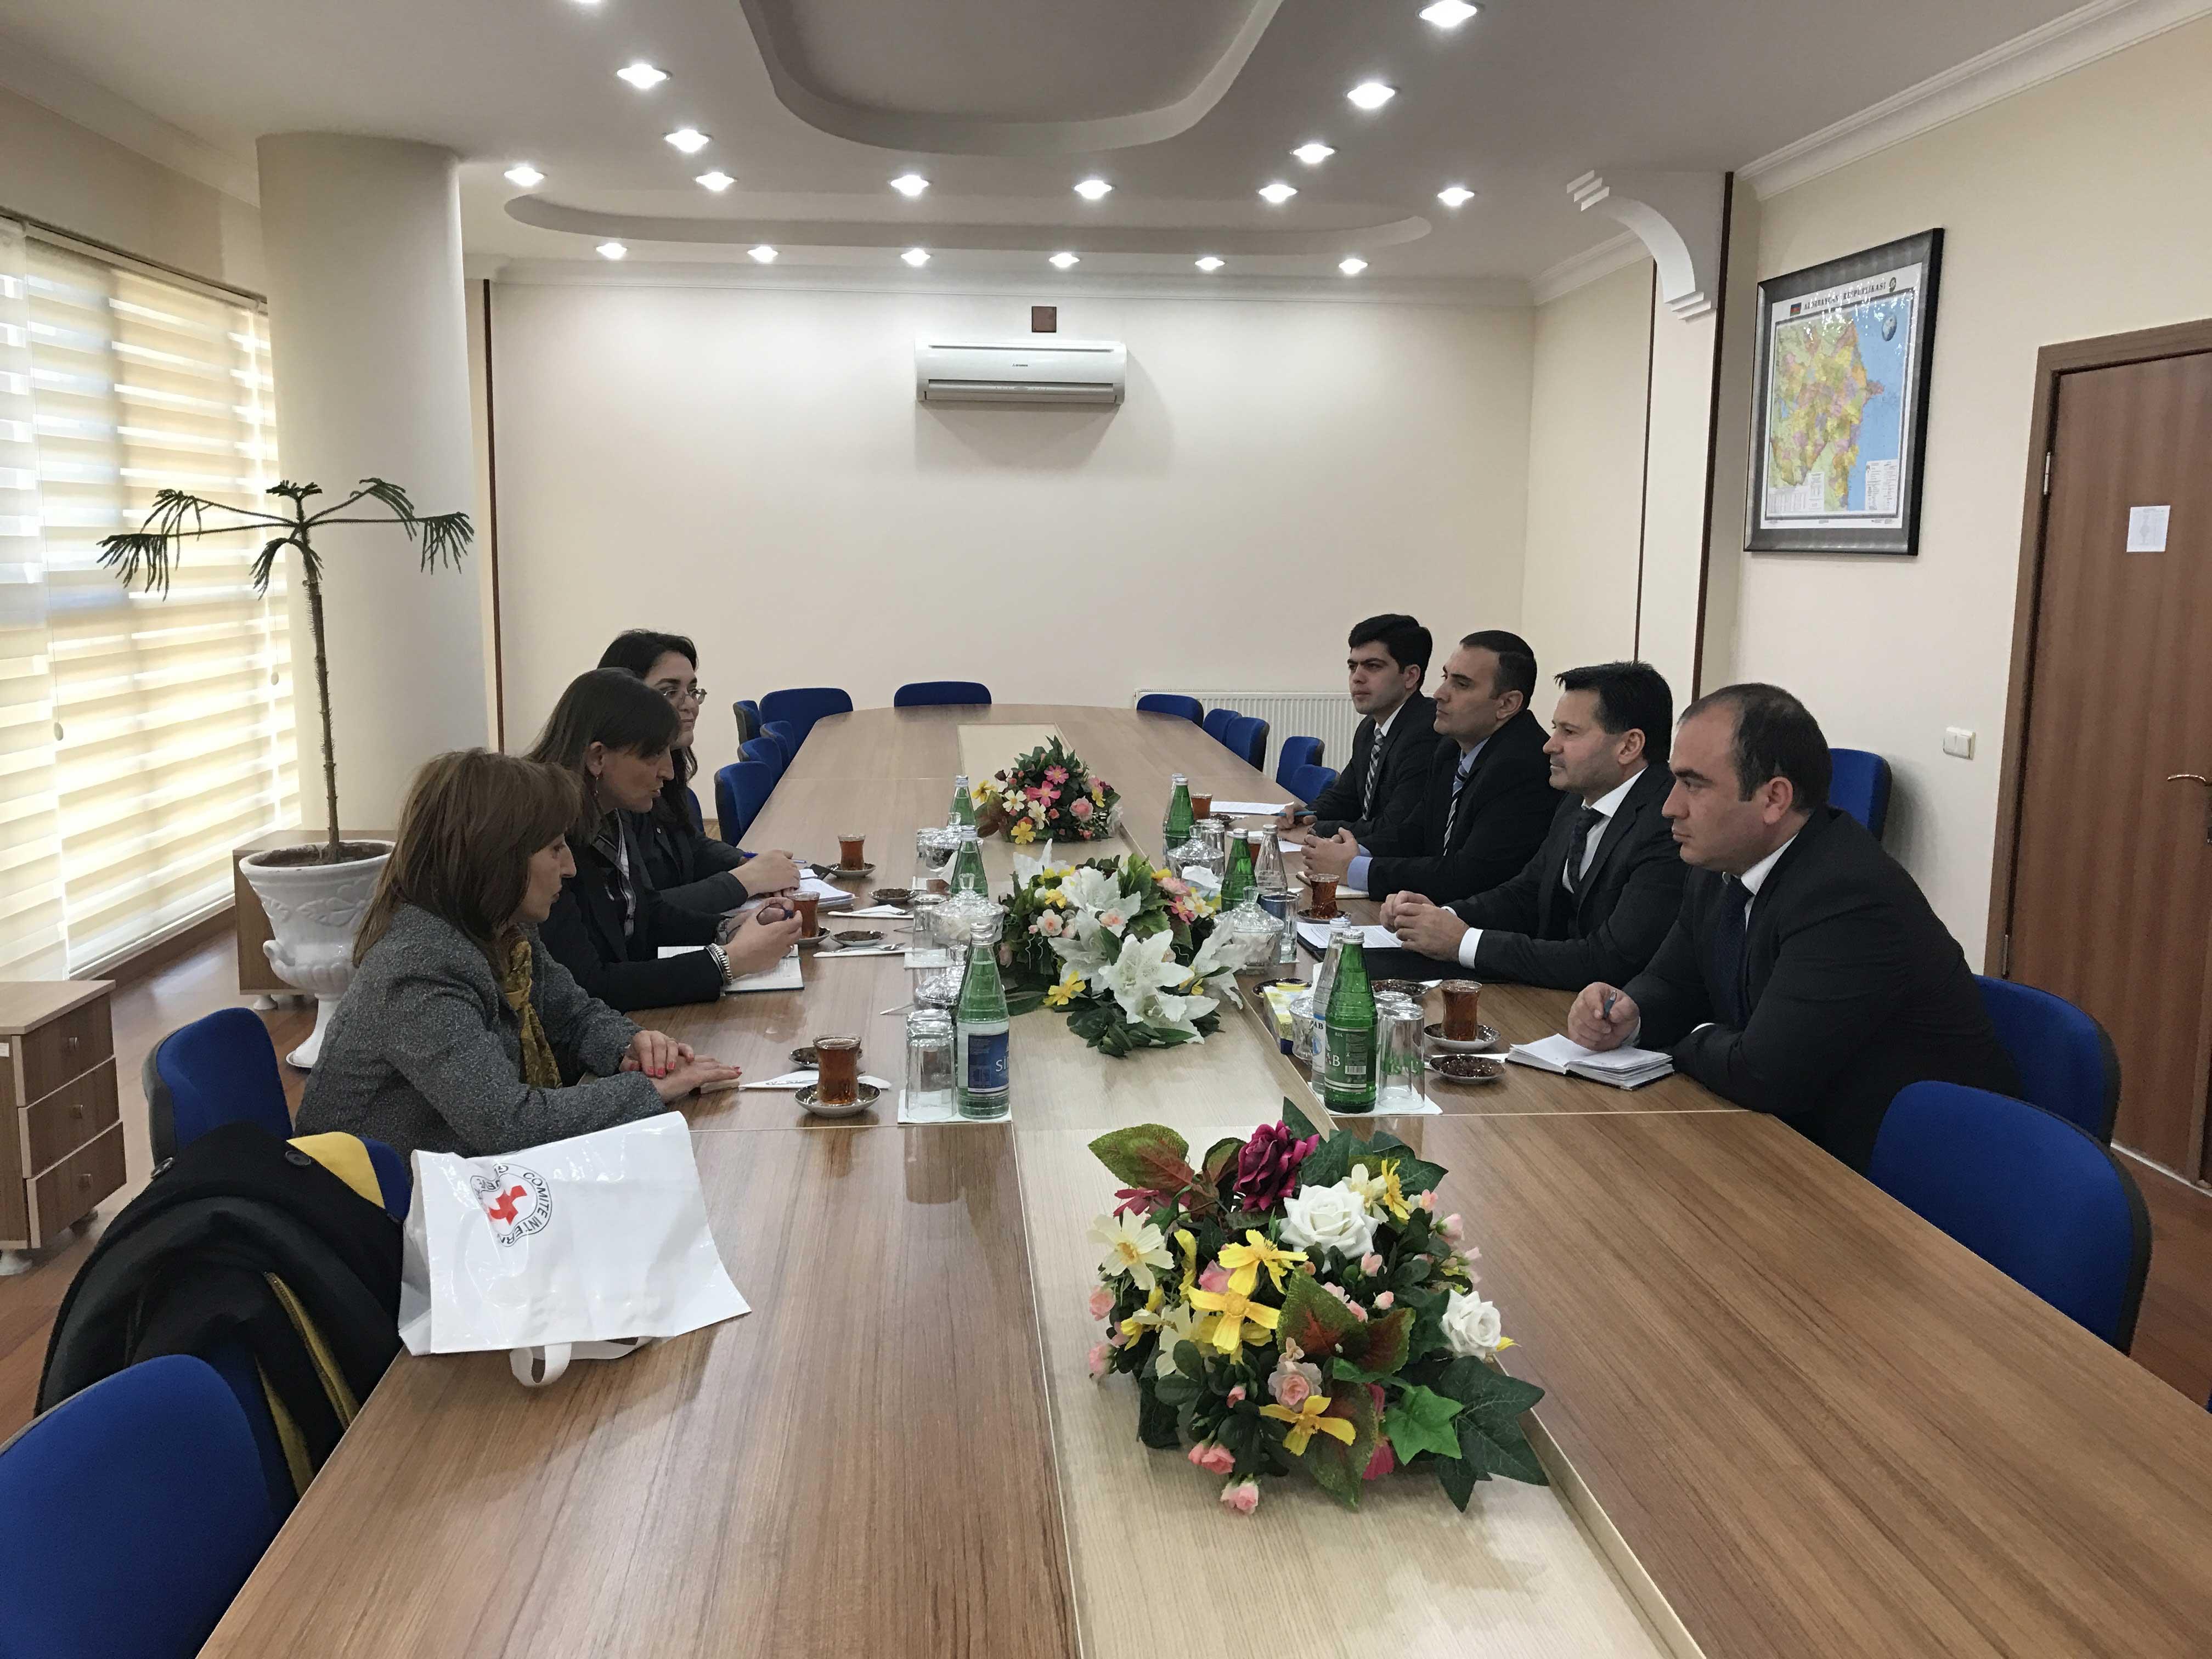 23 октября президент азербайджанской республики ильхам алиев принял верительные грамоты новоназначенного